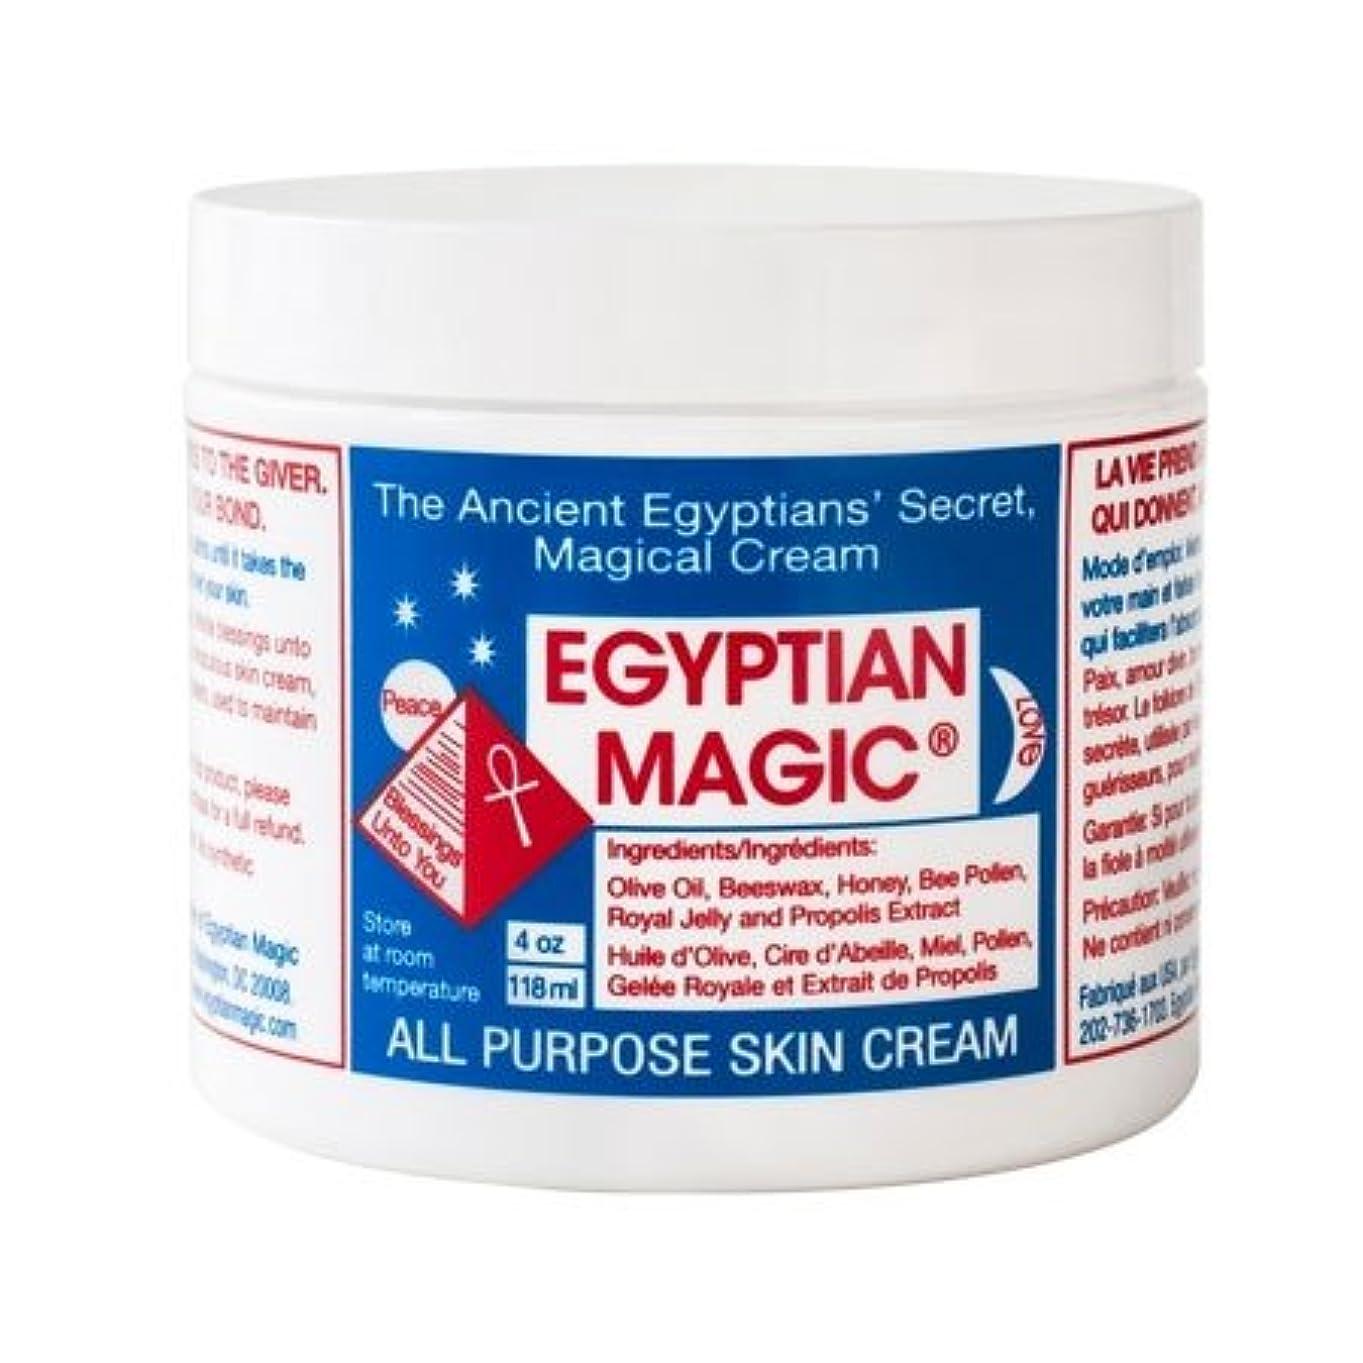 ハンマー姪顎エジプシャンマジック エジプシャン マジック クリーム 118ml 海外仕様パッケージ